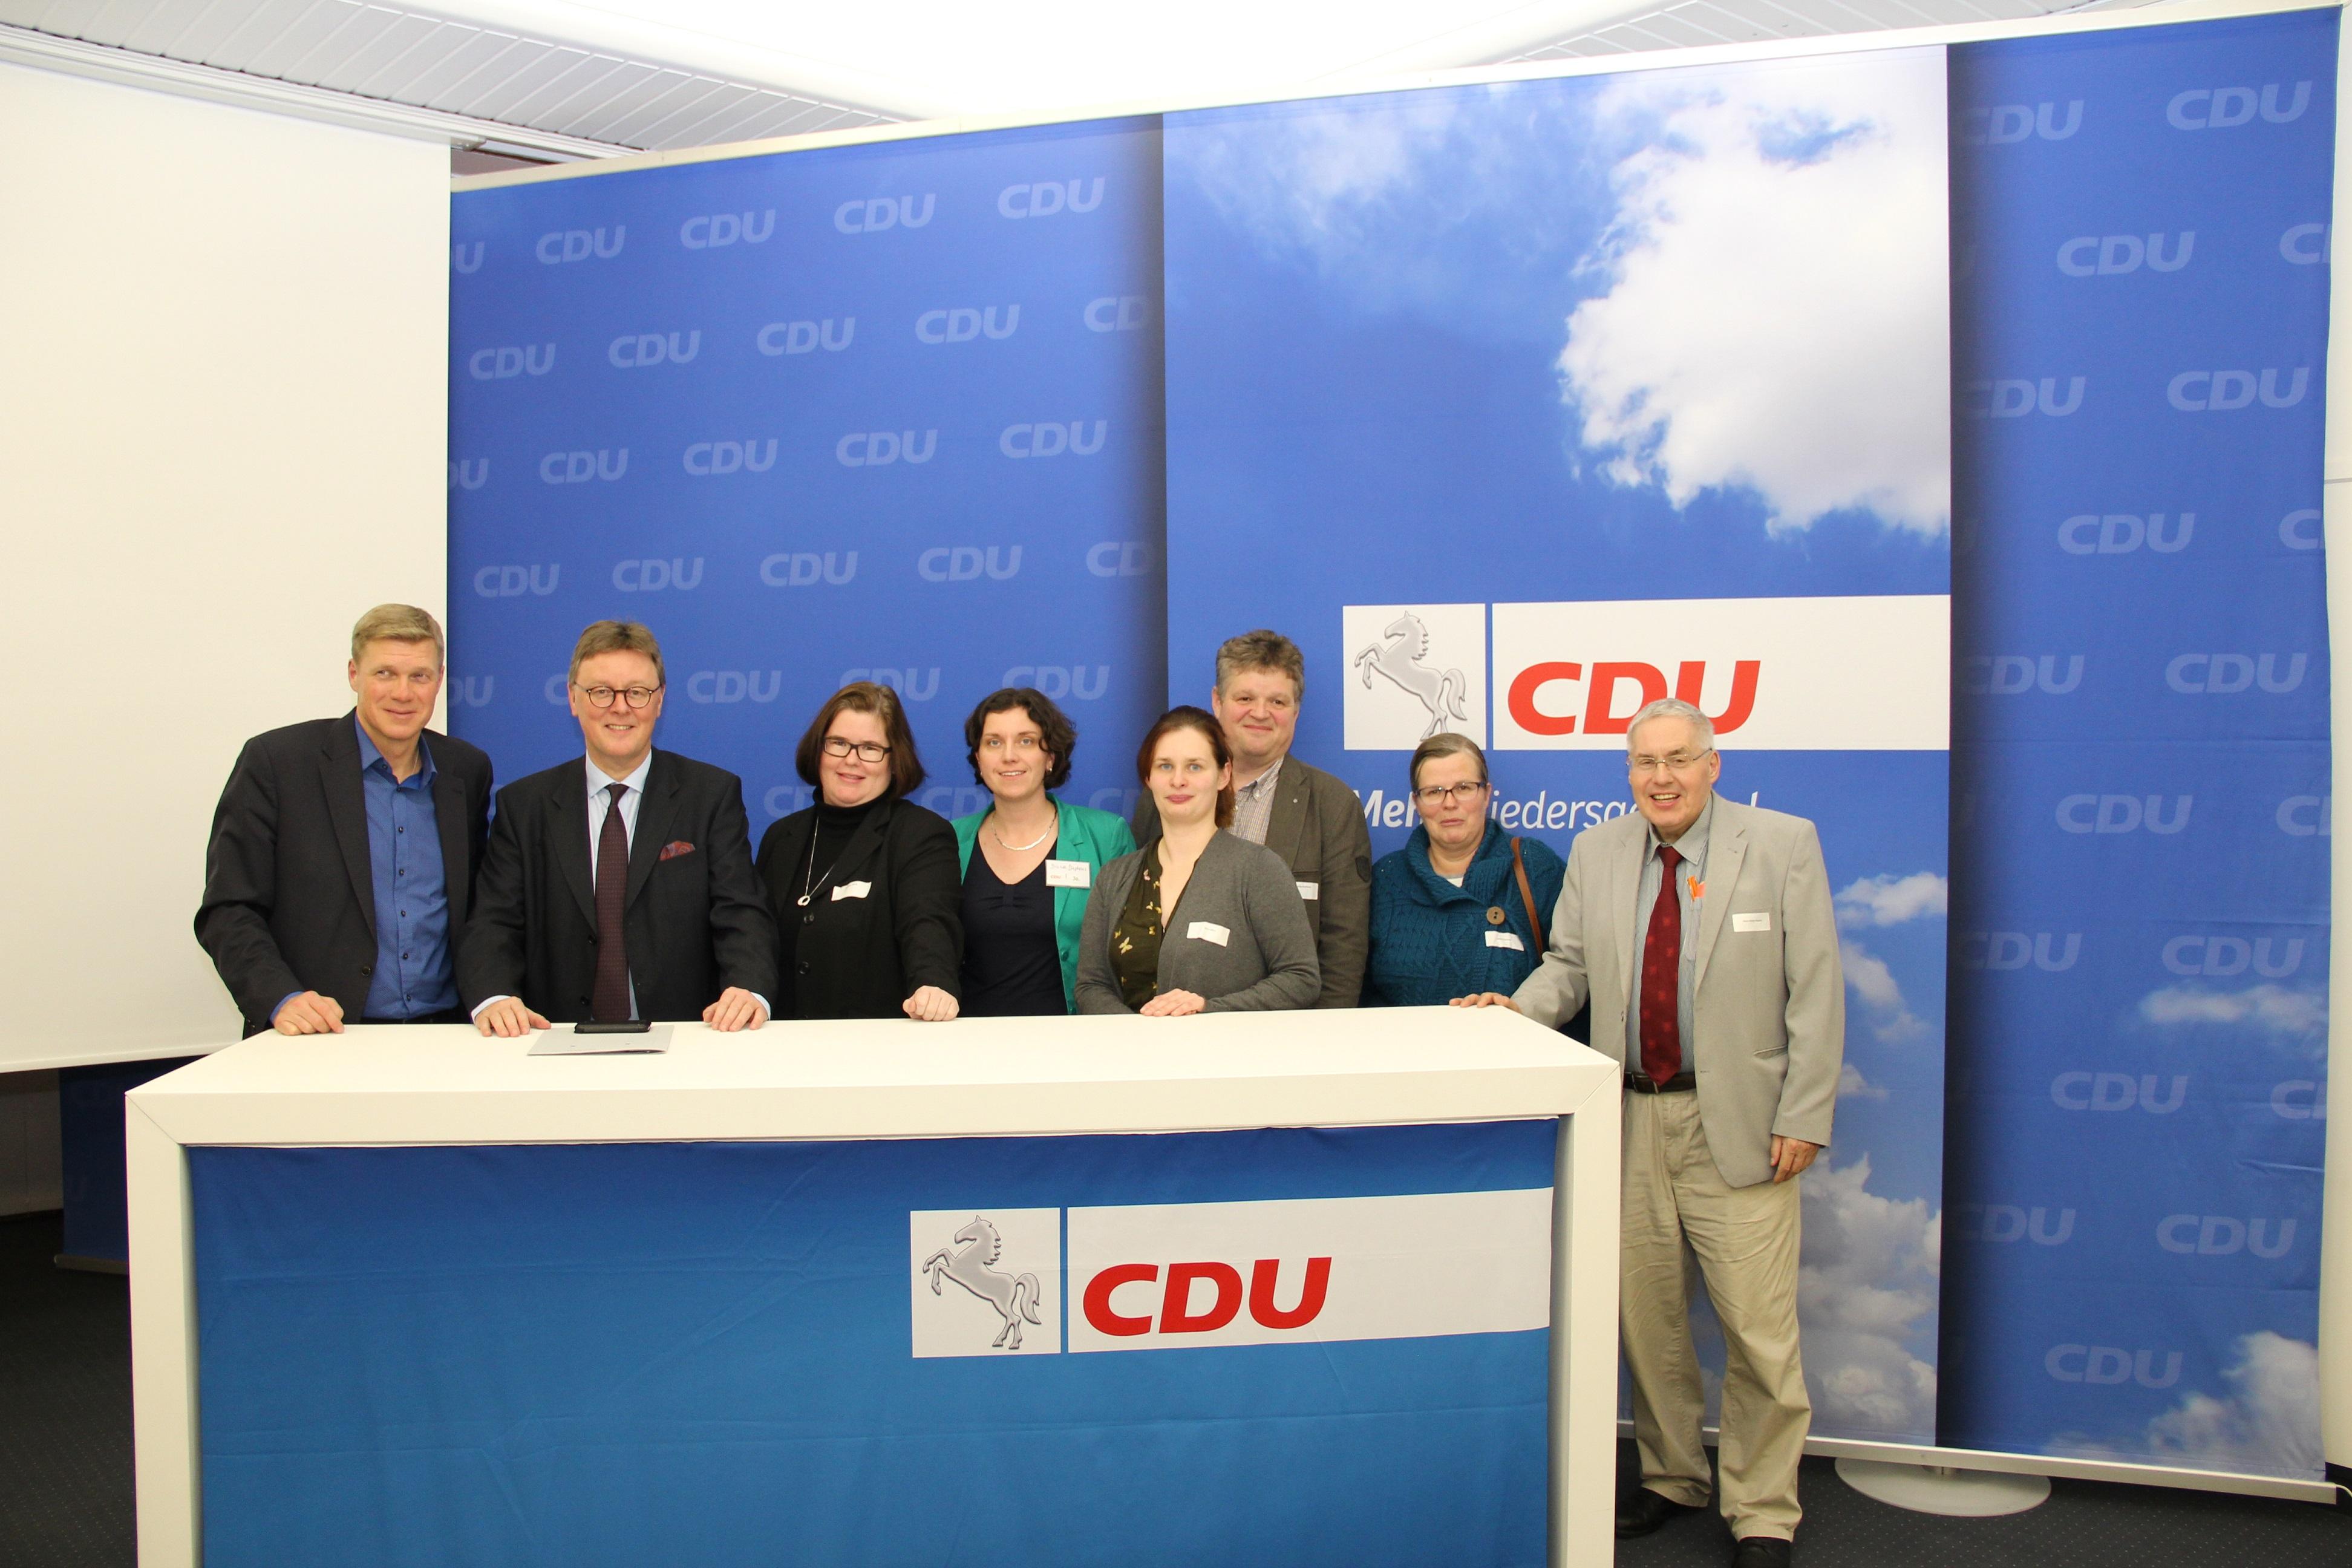 Foto: von links Generalsekretär Ulf Thiele, MdL, Michael Grosse-Brömer MdB, Cordula Görig, Diana Diephaus aus Vechta, Lara Lührs, Henning Buchholz, Ulrike Oelsner, Hans-Ulrich Püschel.